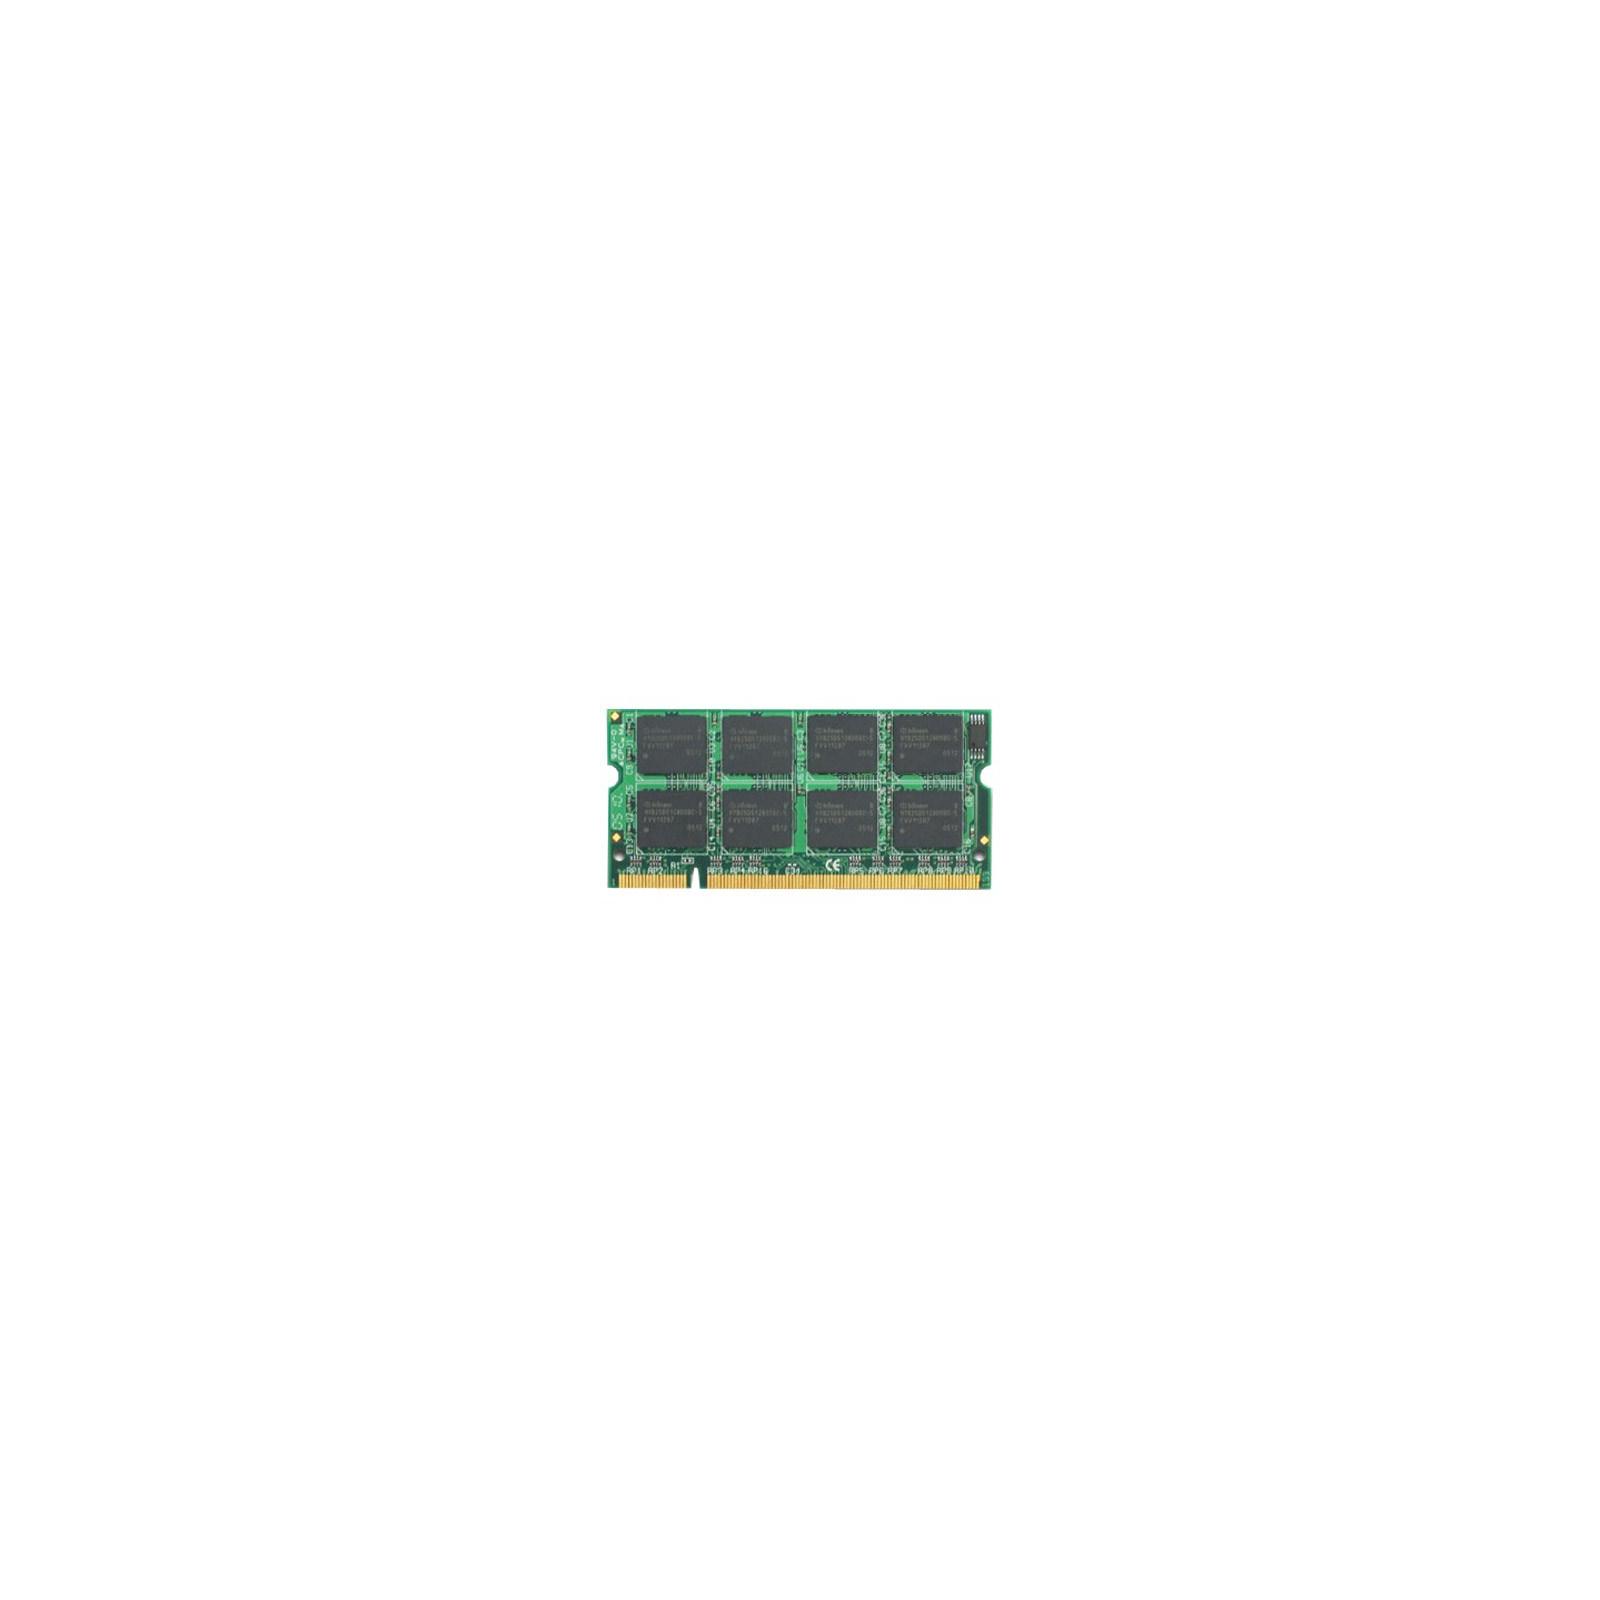 Модуль памяти для ноутбука SoDIMM DDR2 2GB 667 MHz GOODRAM (W-AMM672G / W-AMM672GB9)